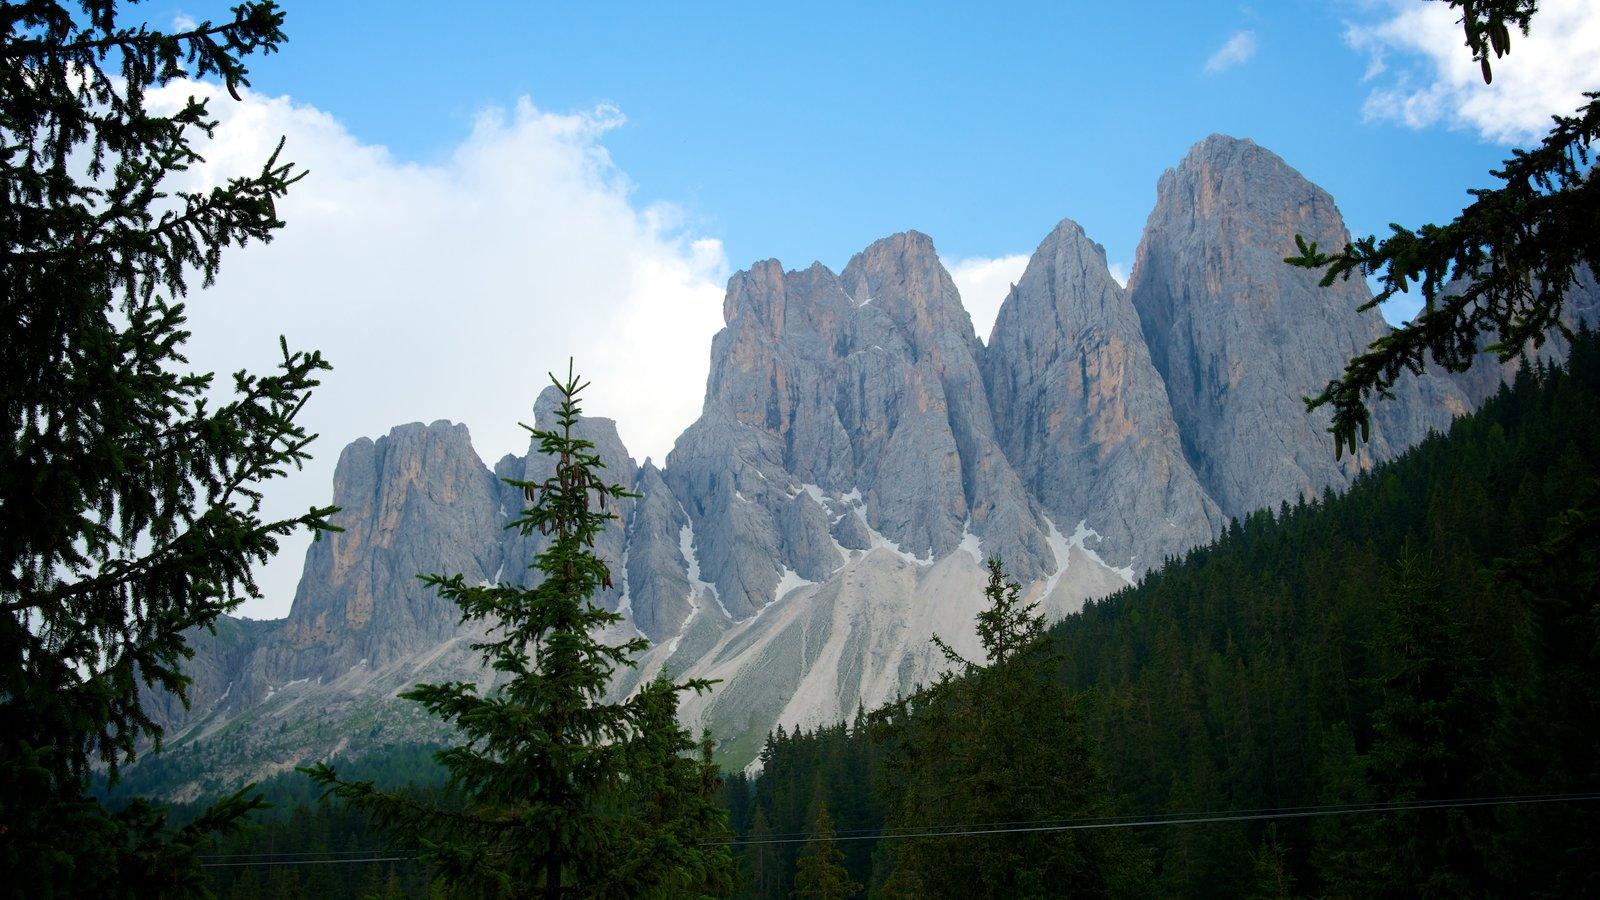 Funes mostrando escenas forestales y montañas